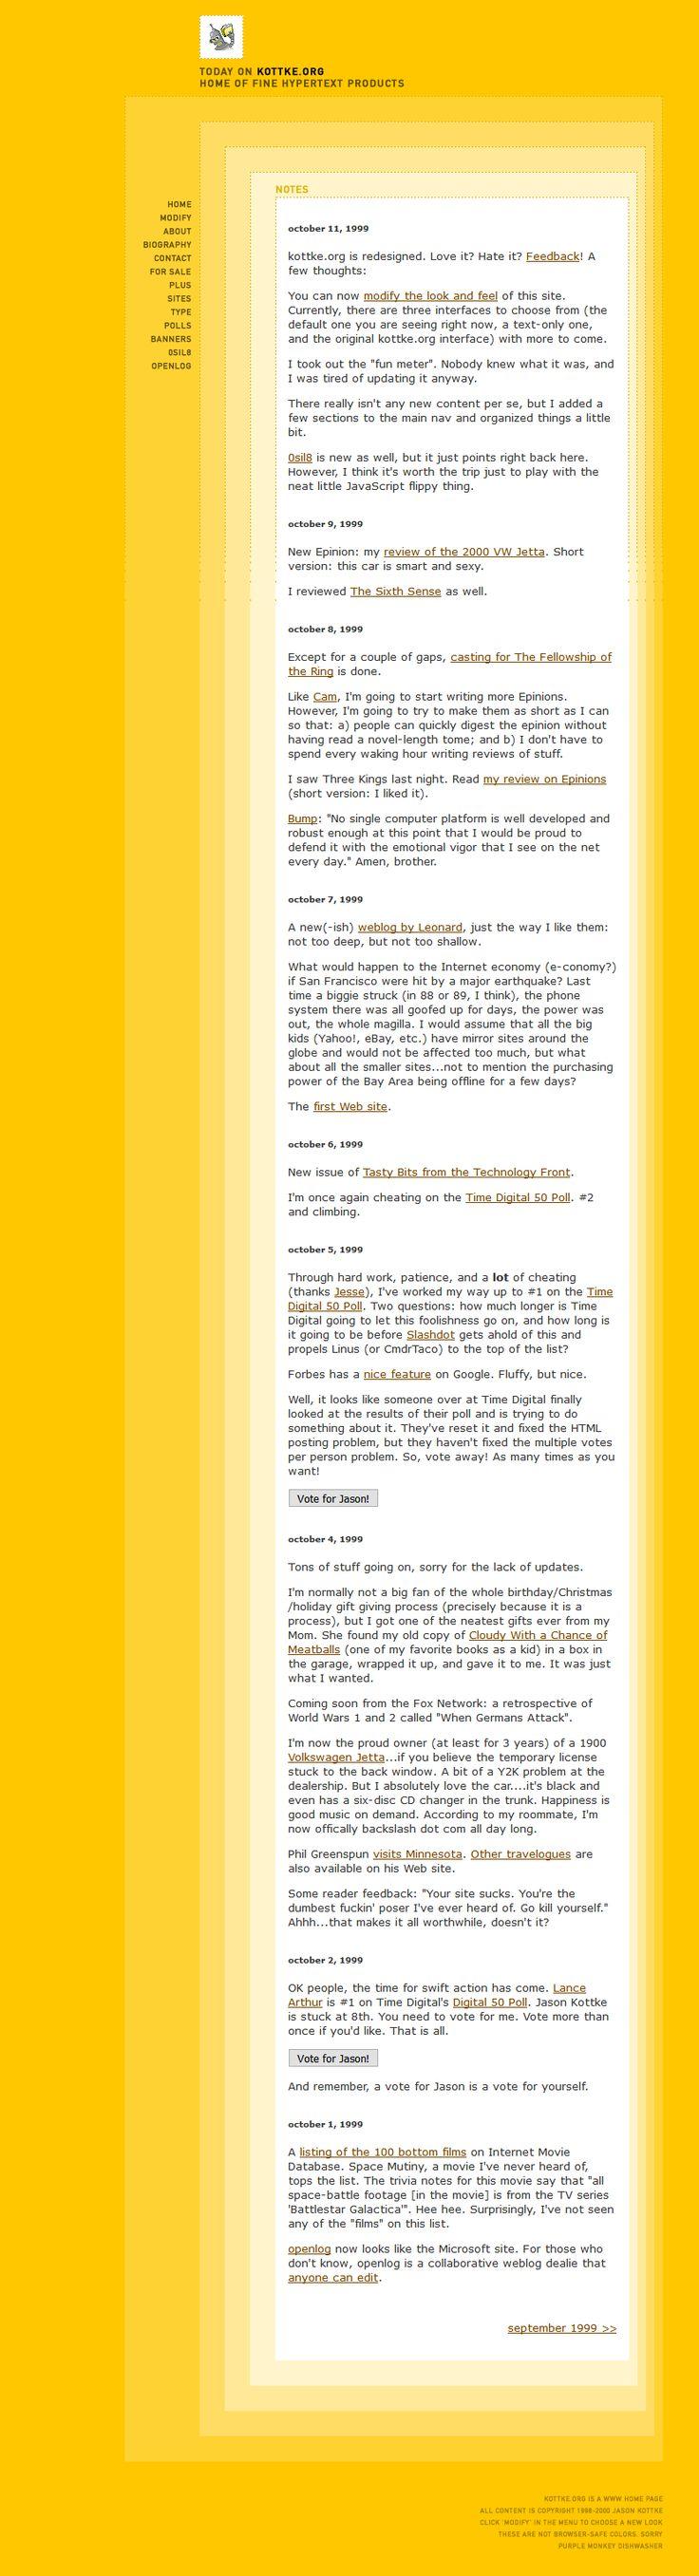 Jason Kottke website in 1999